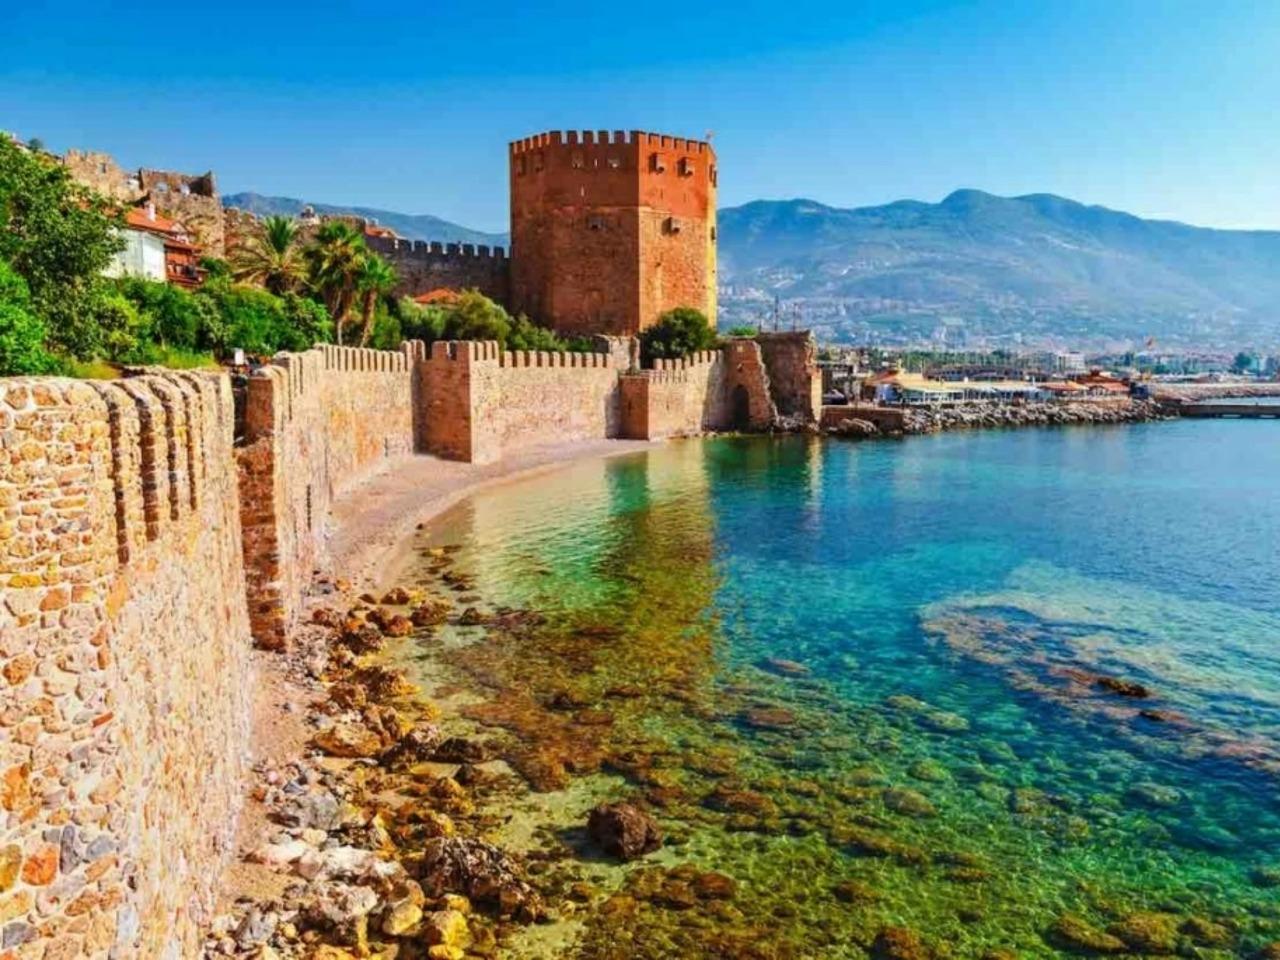 Алания – древний город-порт и современный курорт   - индивидуальная экскурсия в Анталии от опытного гида